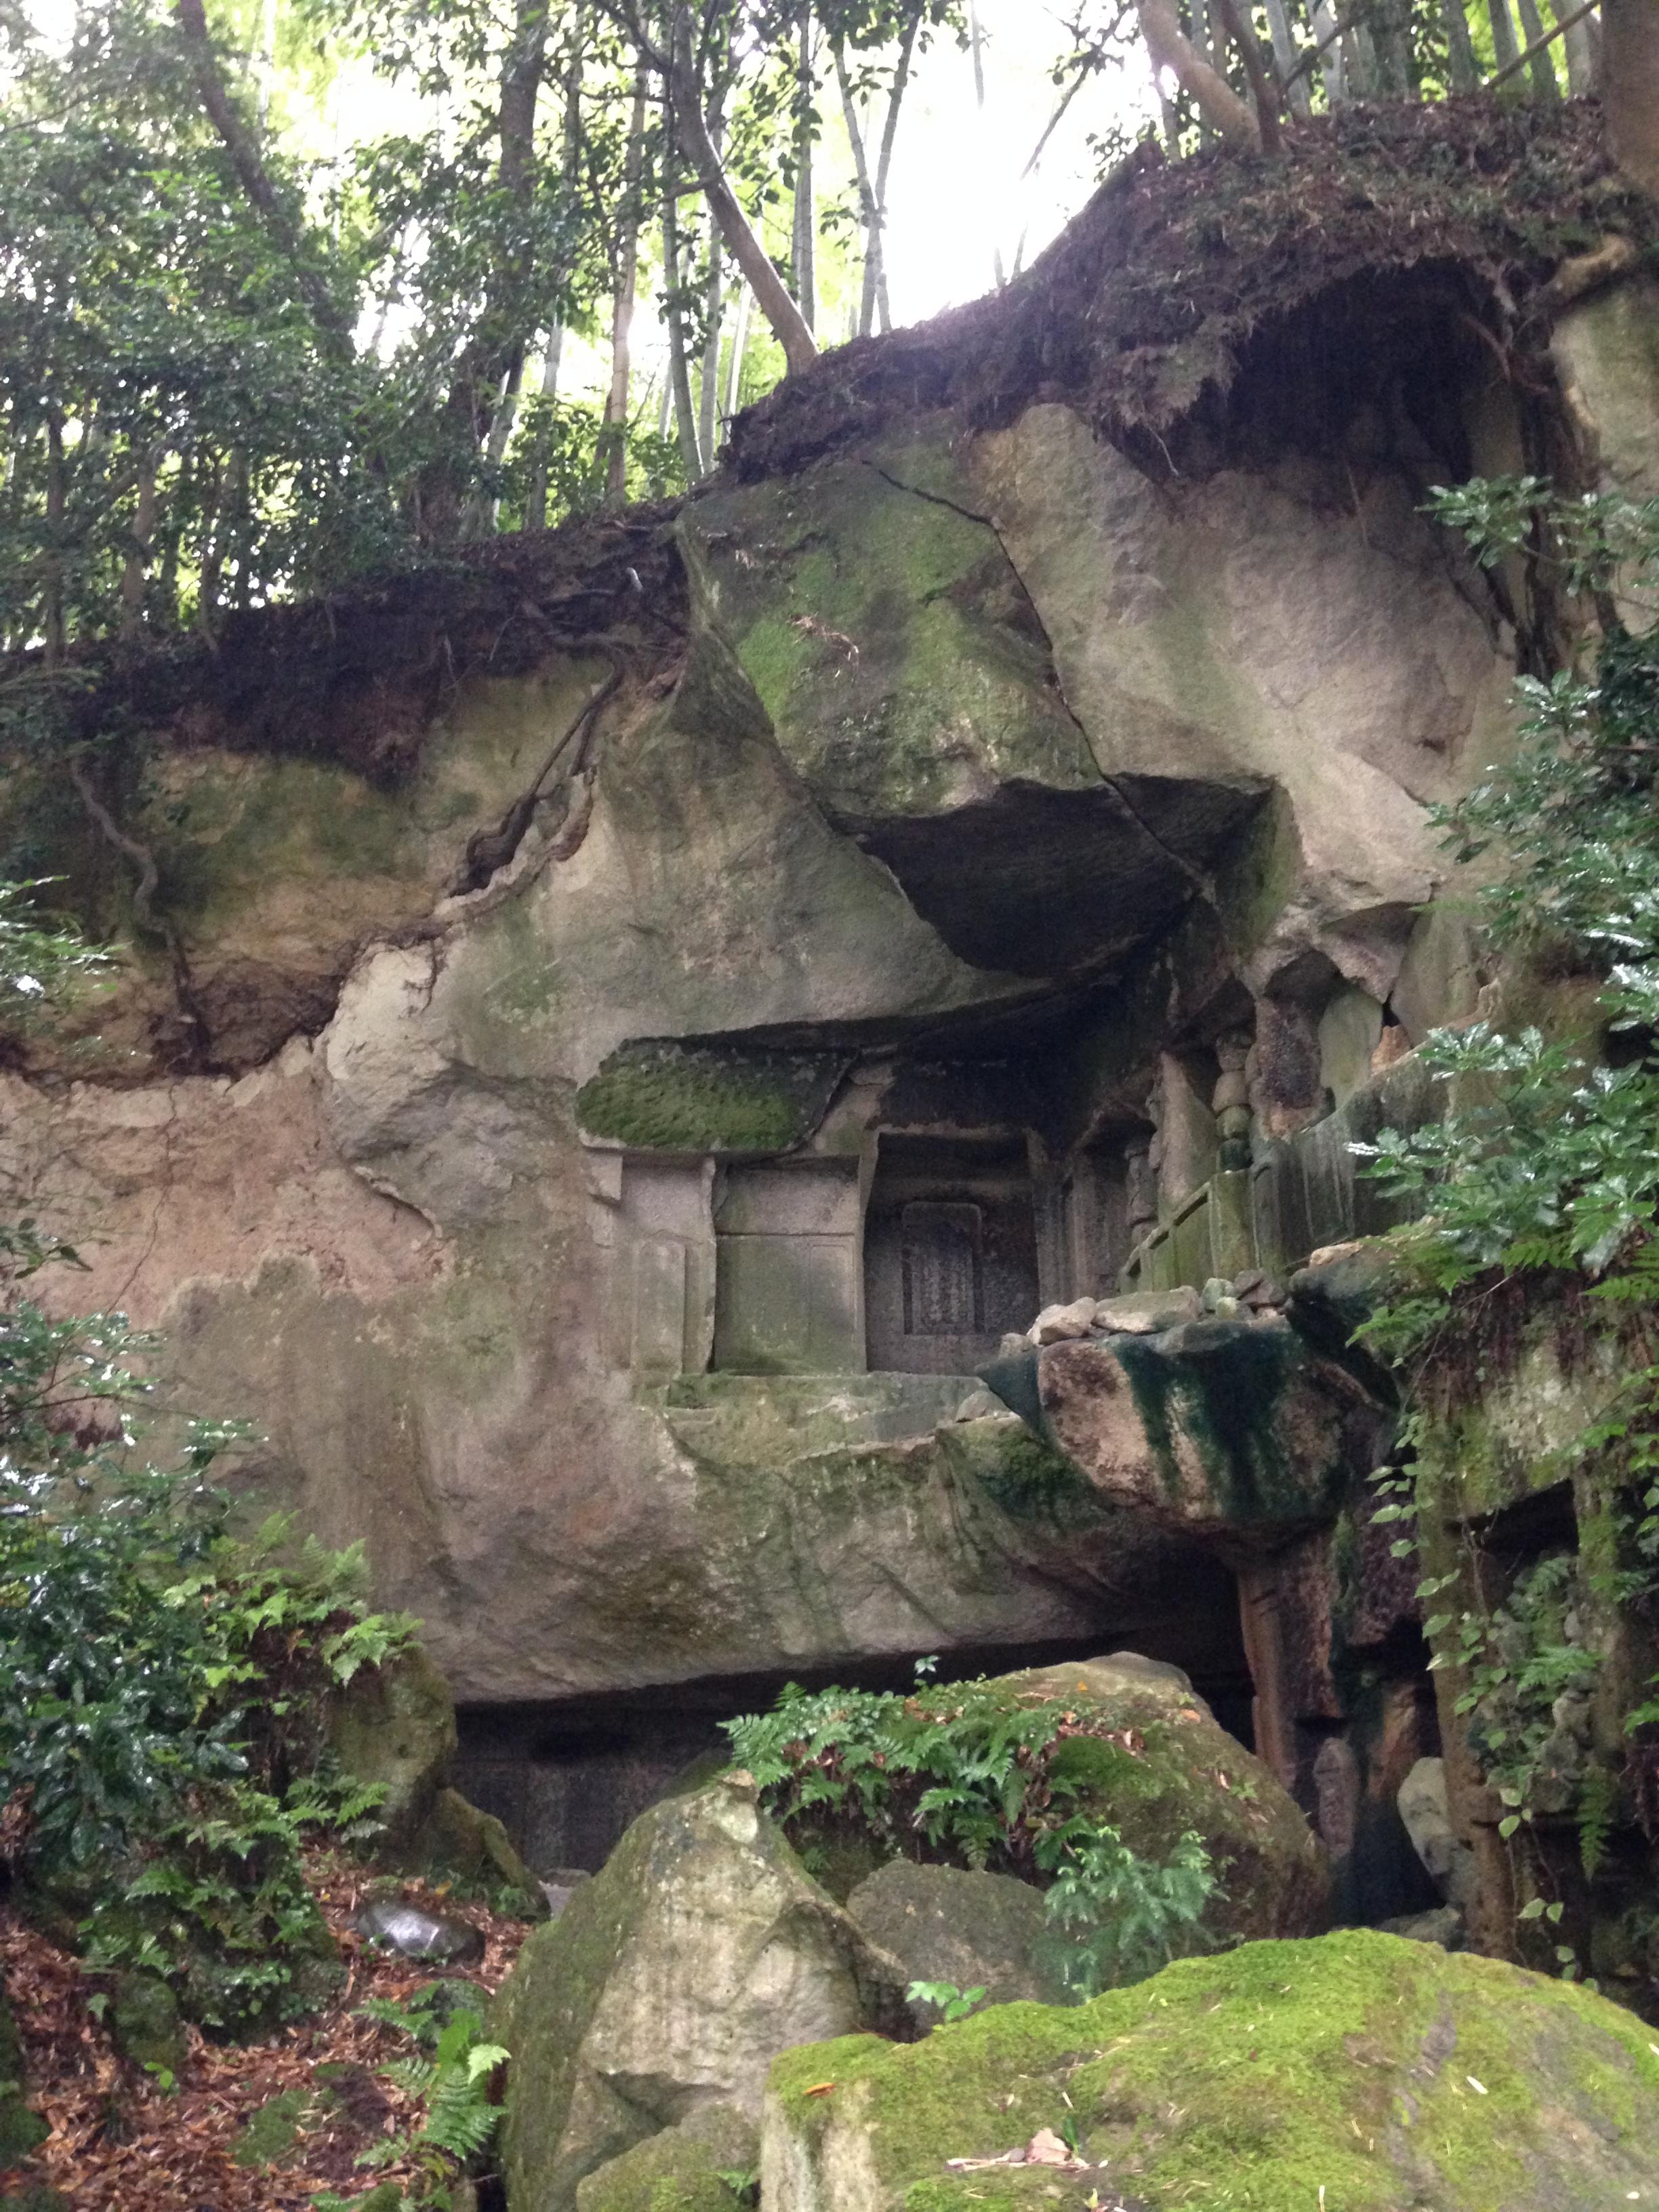 以前僧人聚居修行的石窟群之一。